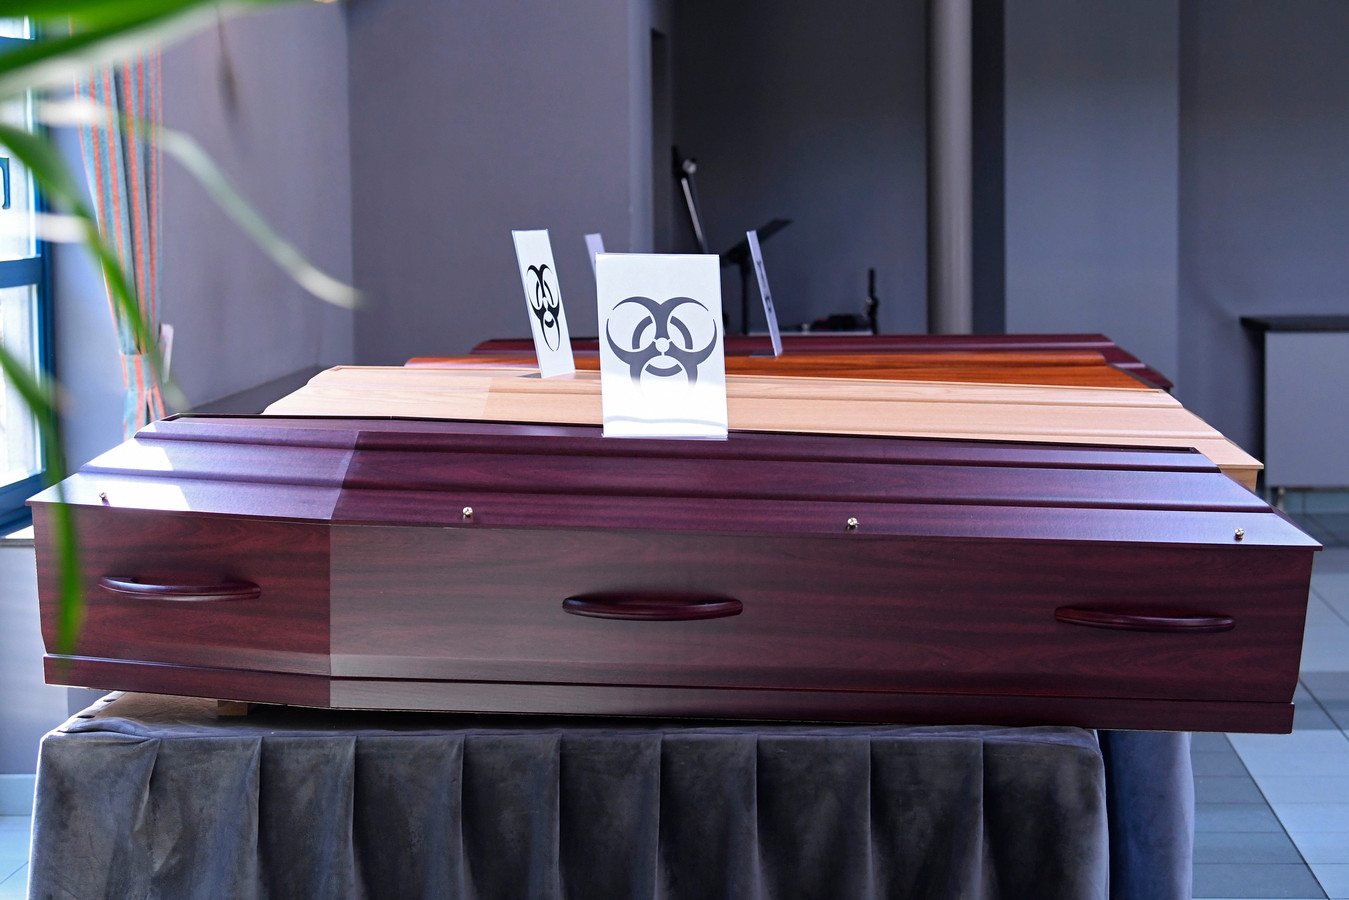 In de Denderstreek overleden in 2020 opvallend meer mensen dan in een gemiddeld jaar.